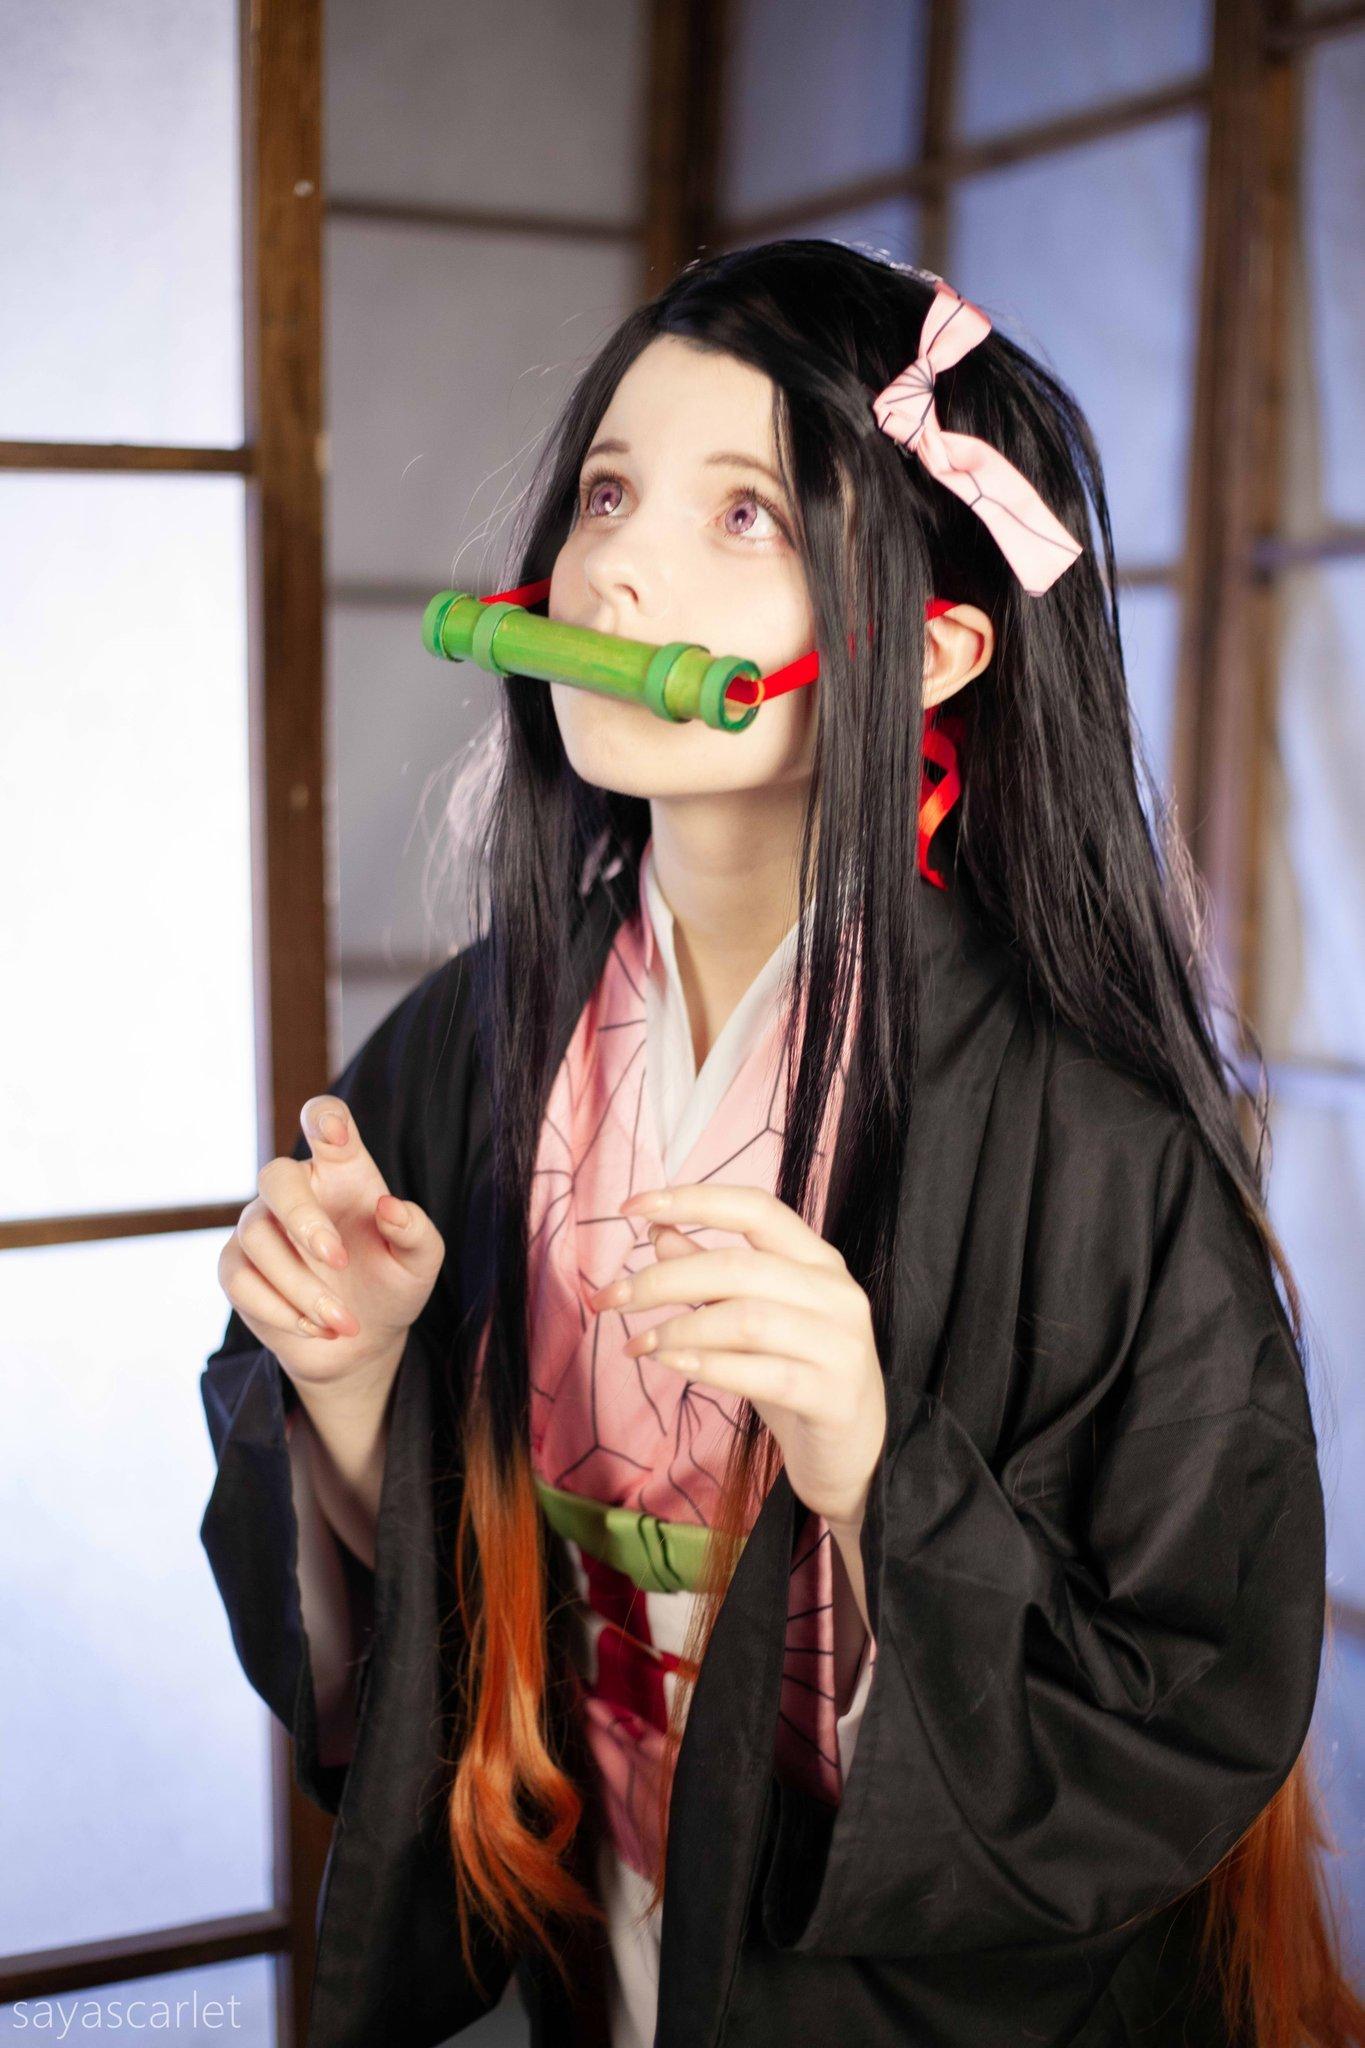 [正妹]日本餐厅出现初音真人 俄罗斯正妹[Saya Scarlet]飘洋过海追梦 养眼图片 第12张